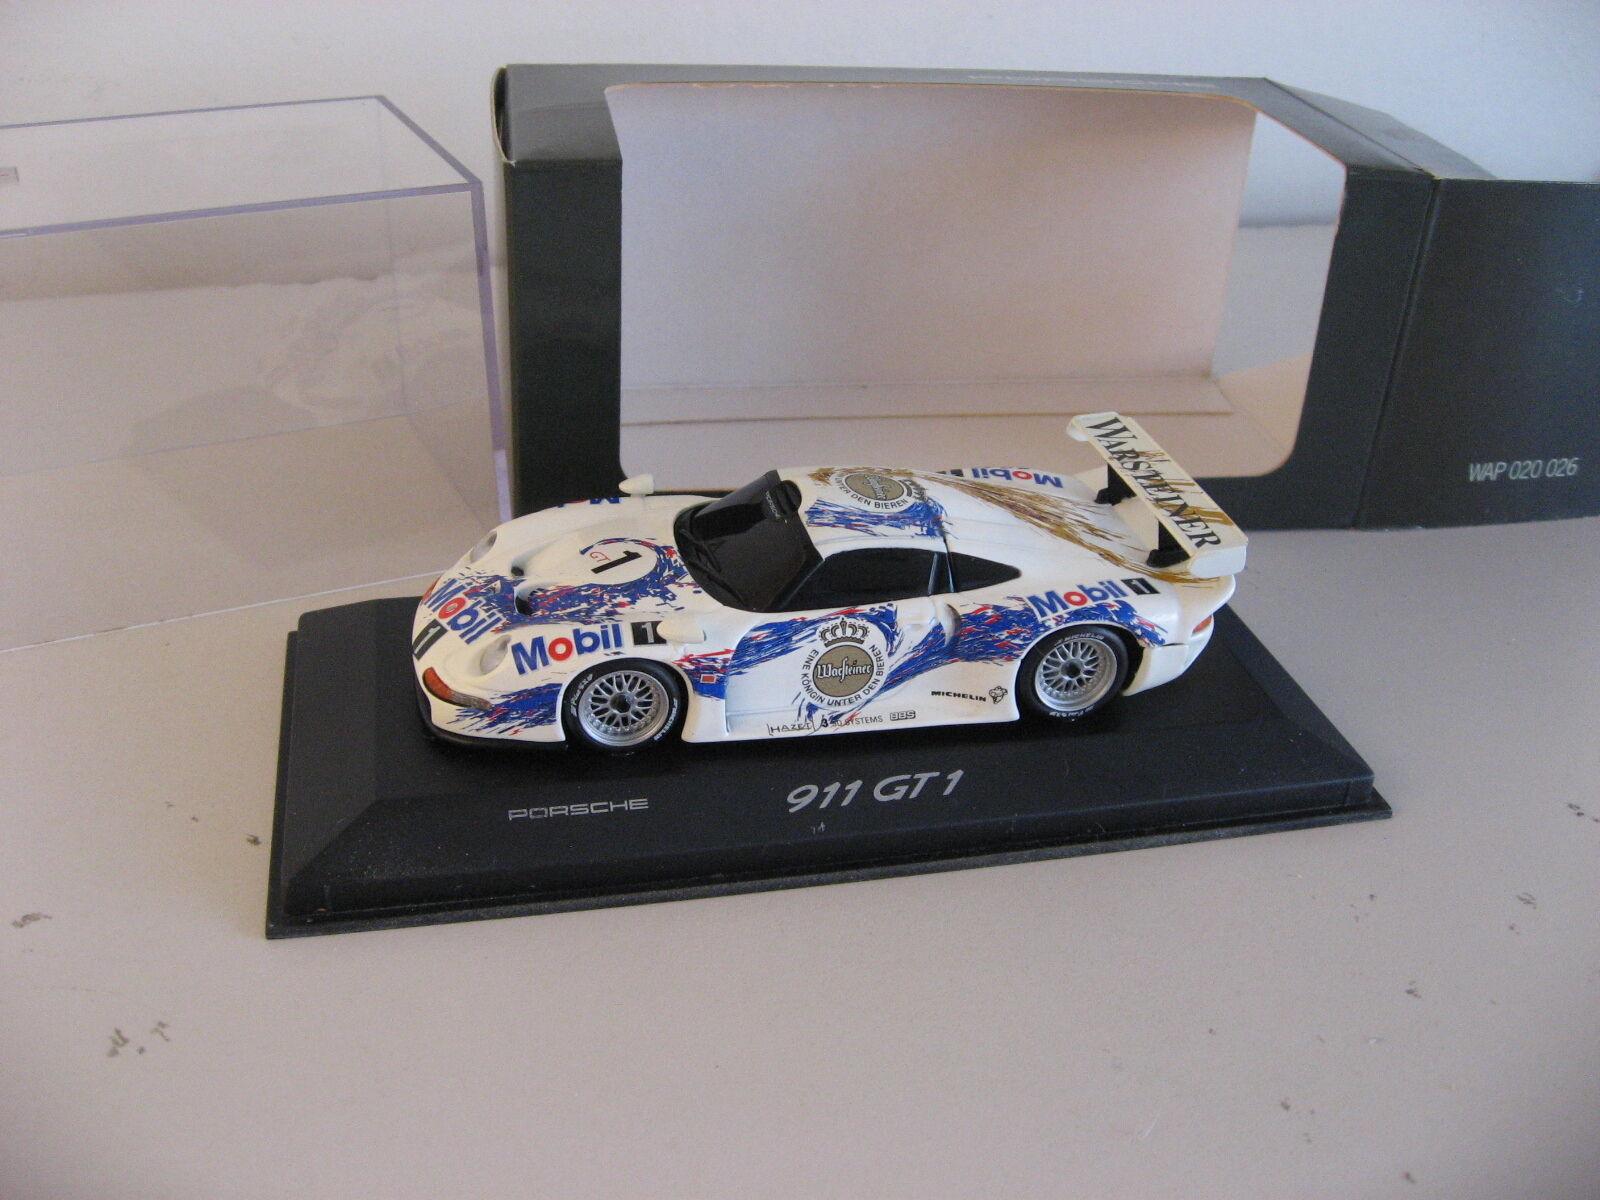 Porsche 911 GT1 Le Mans distribuidor sólo elemento nuevo viejo stock por Minichamps 1 43 996 993